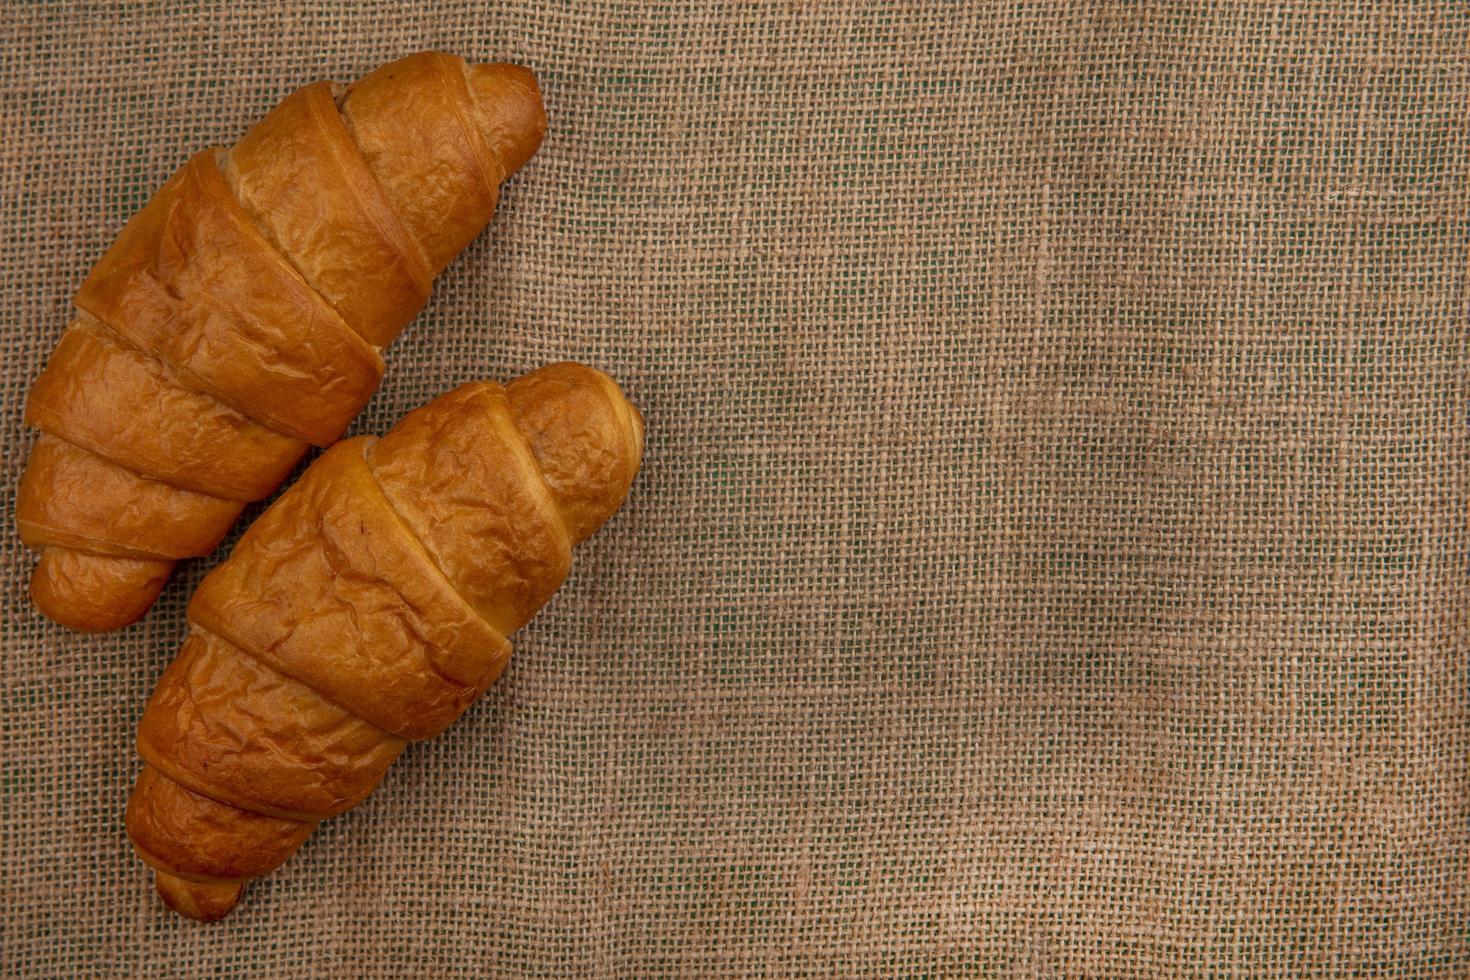 Croissants sobre fondo de tela de saco con espacio de copia foto